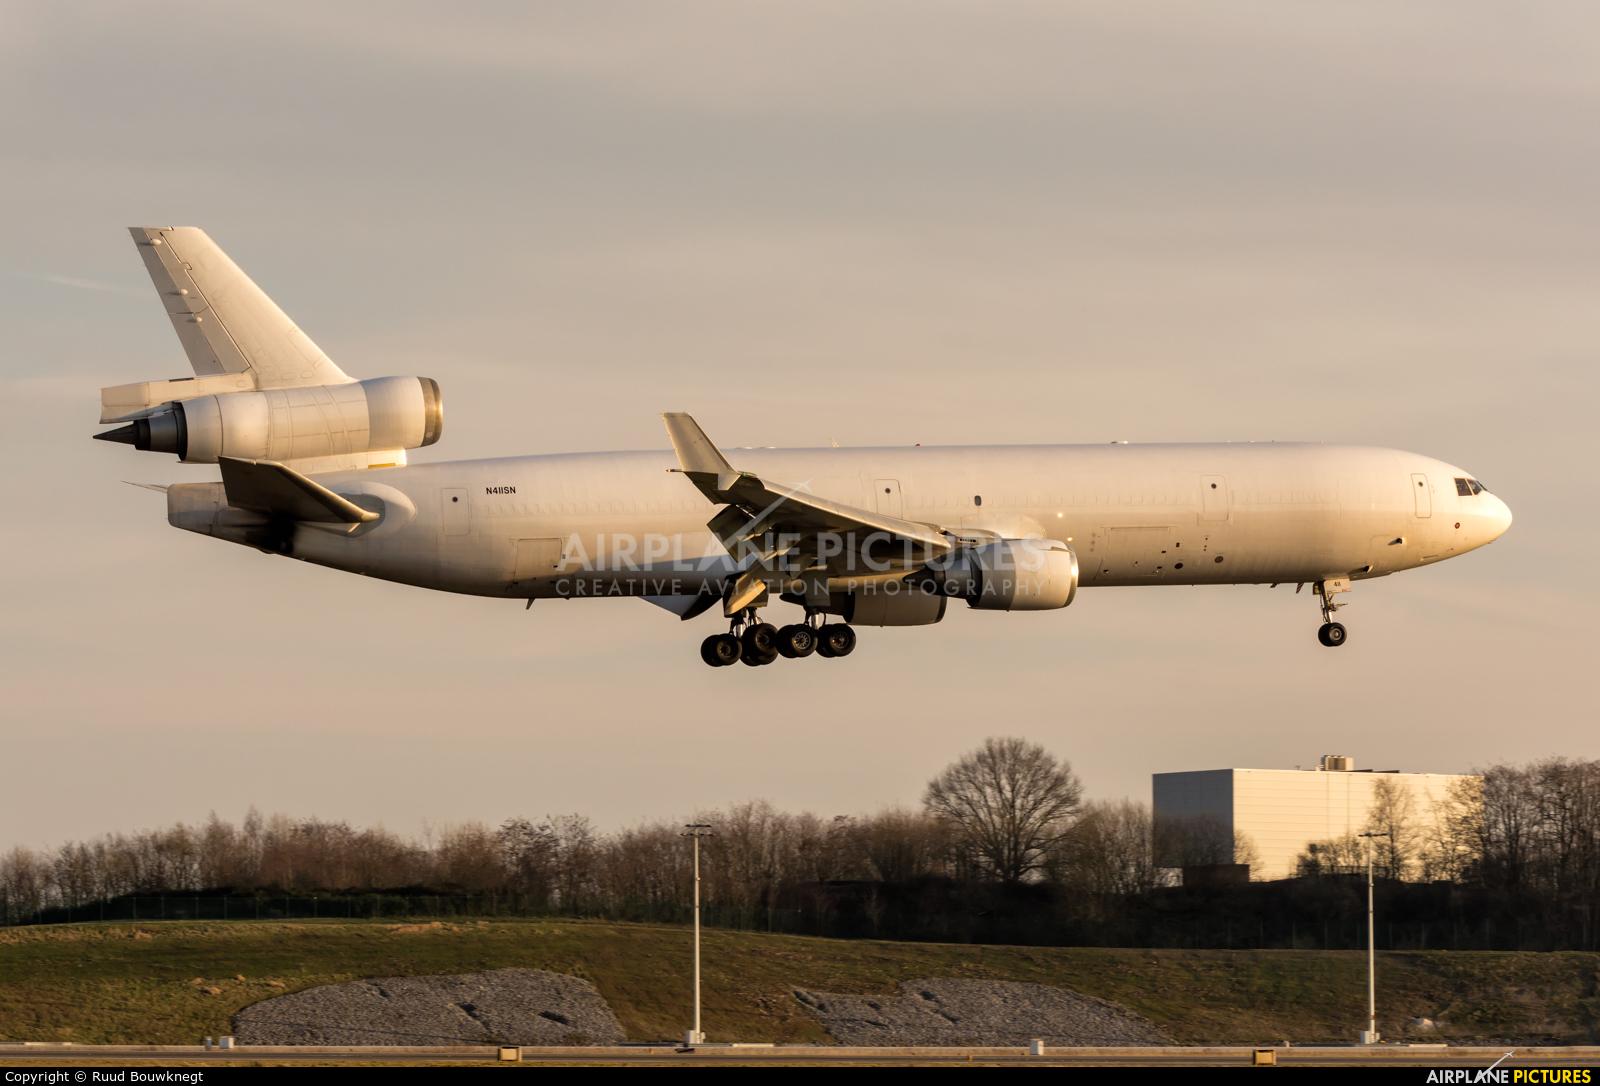 Western Global Airlines N411SN aircraft at Liège-Bierset